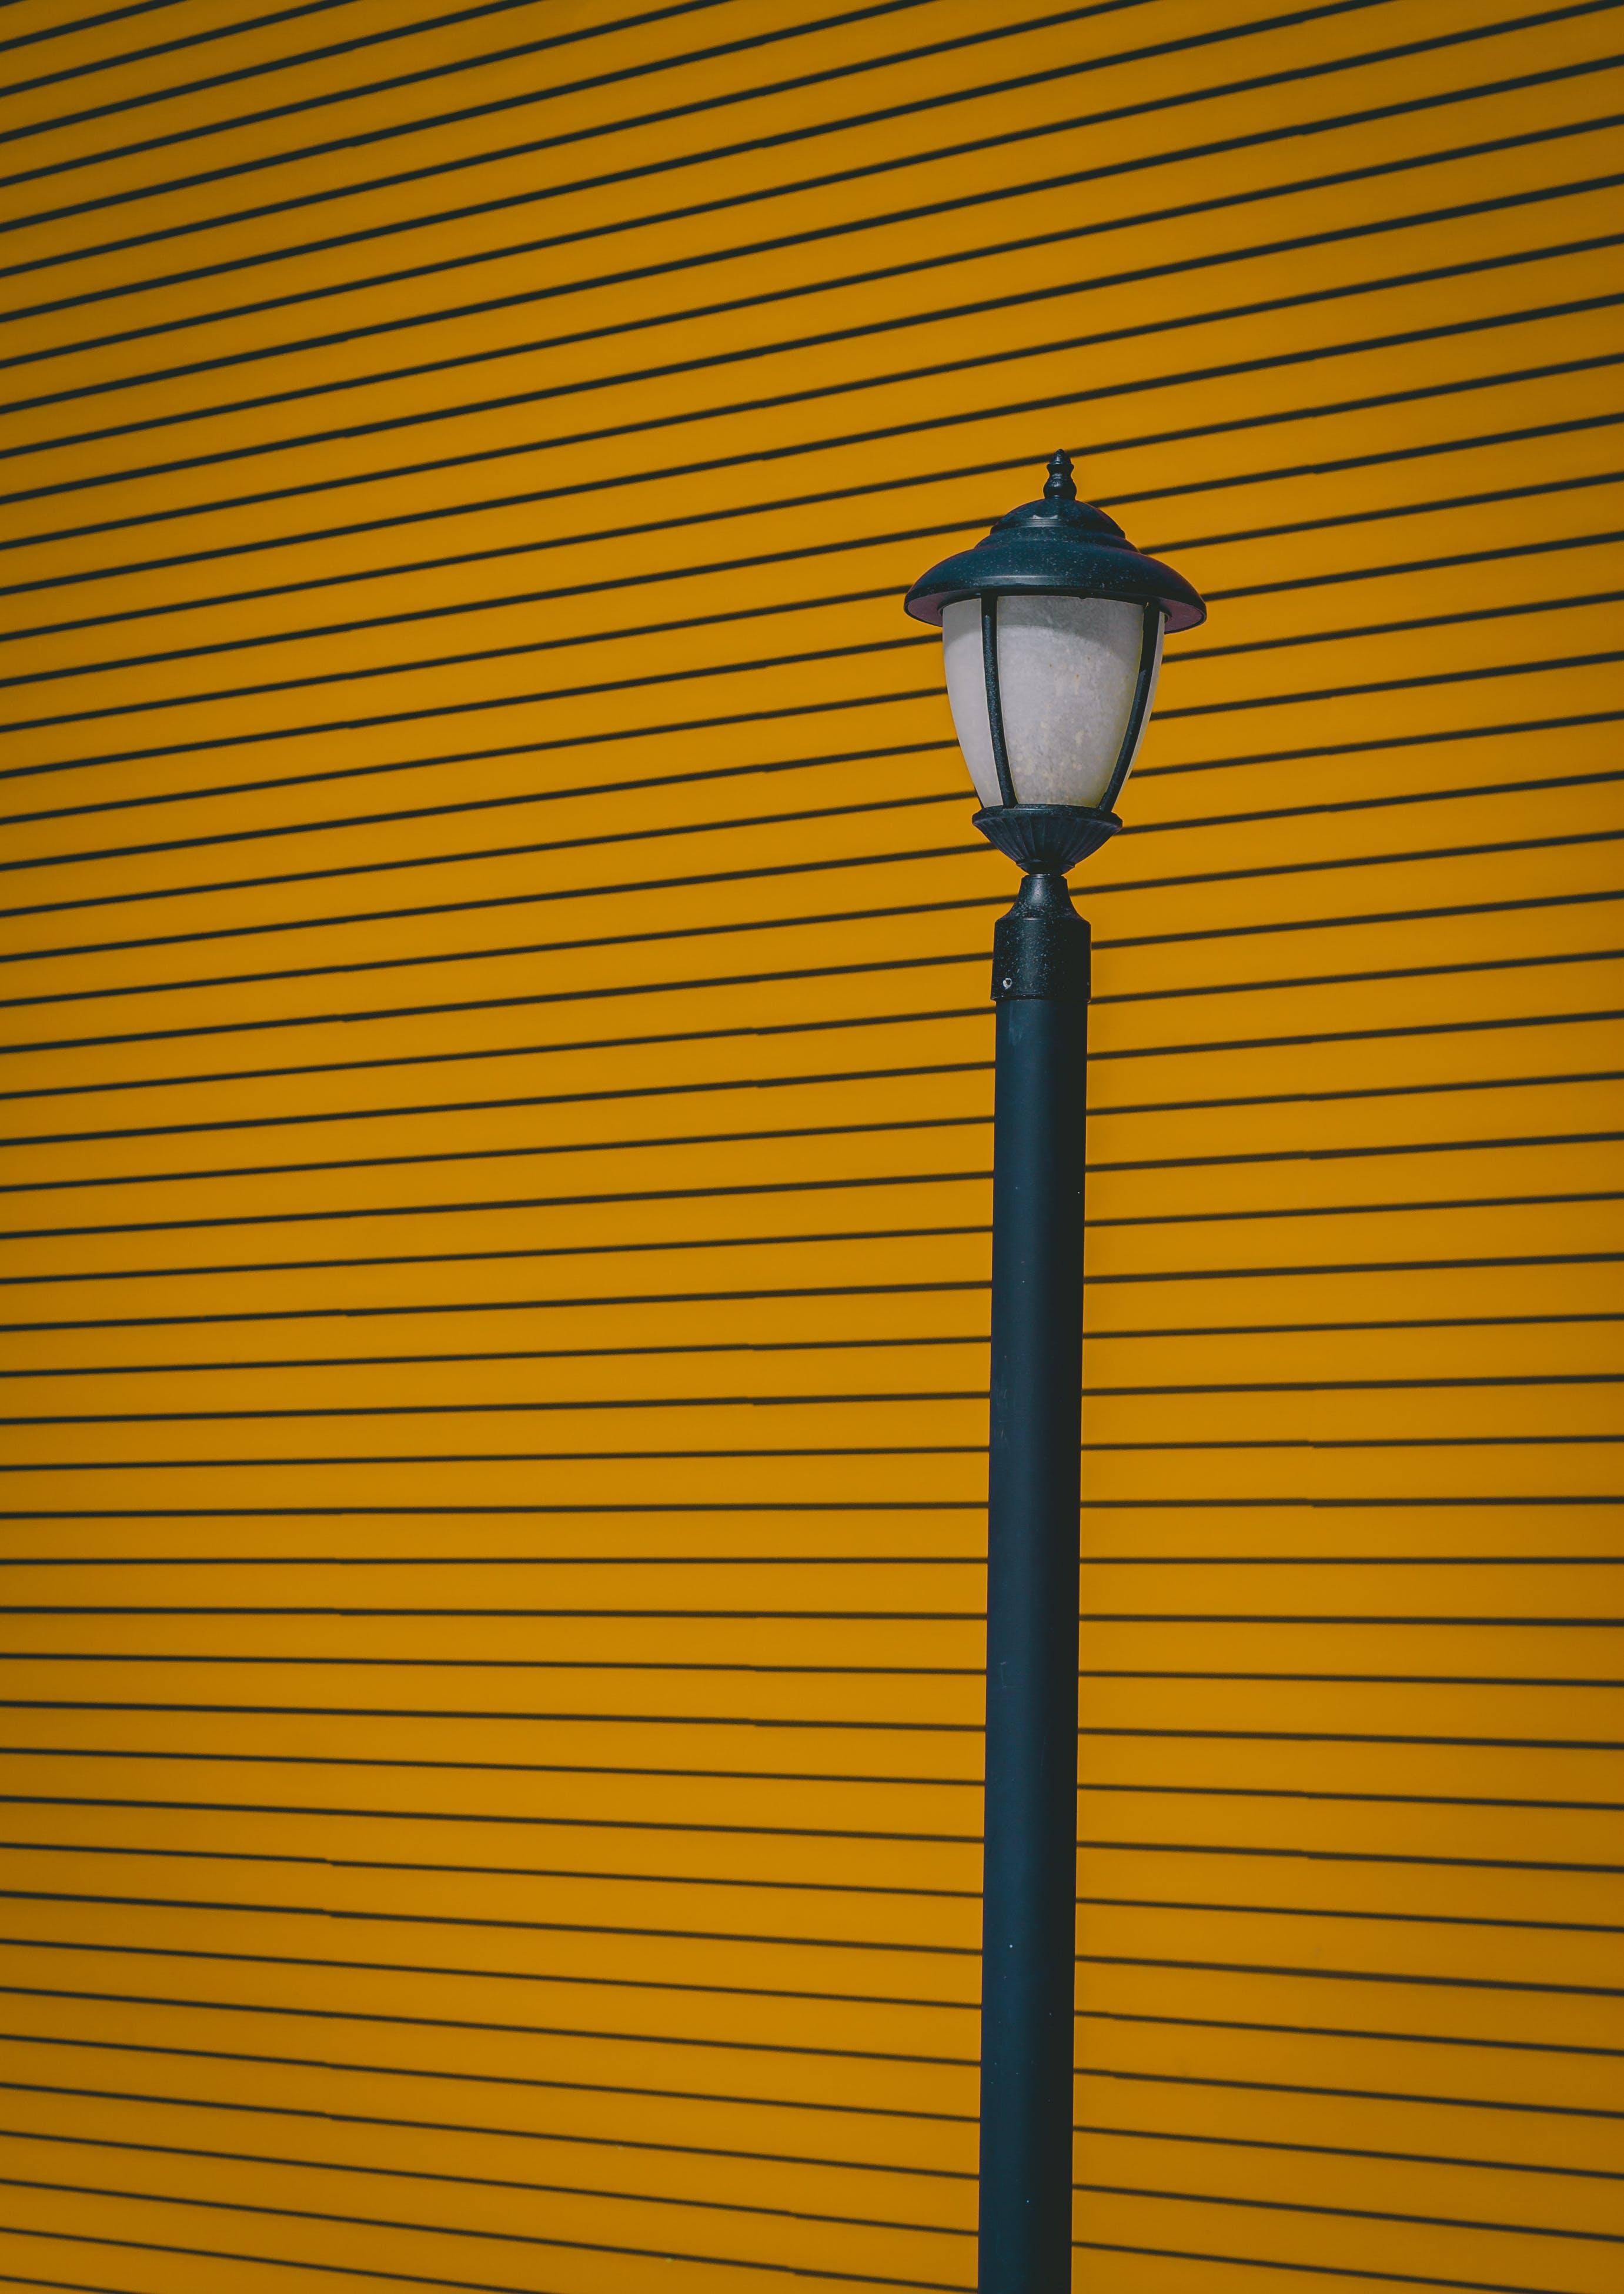 Black Post Lamp